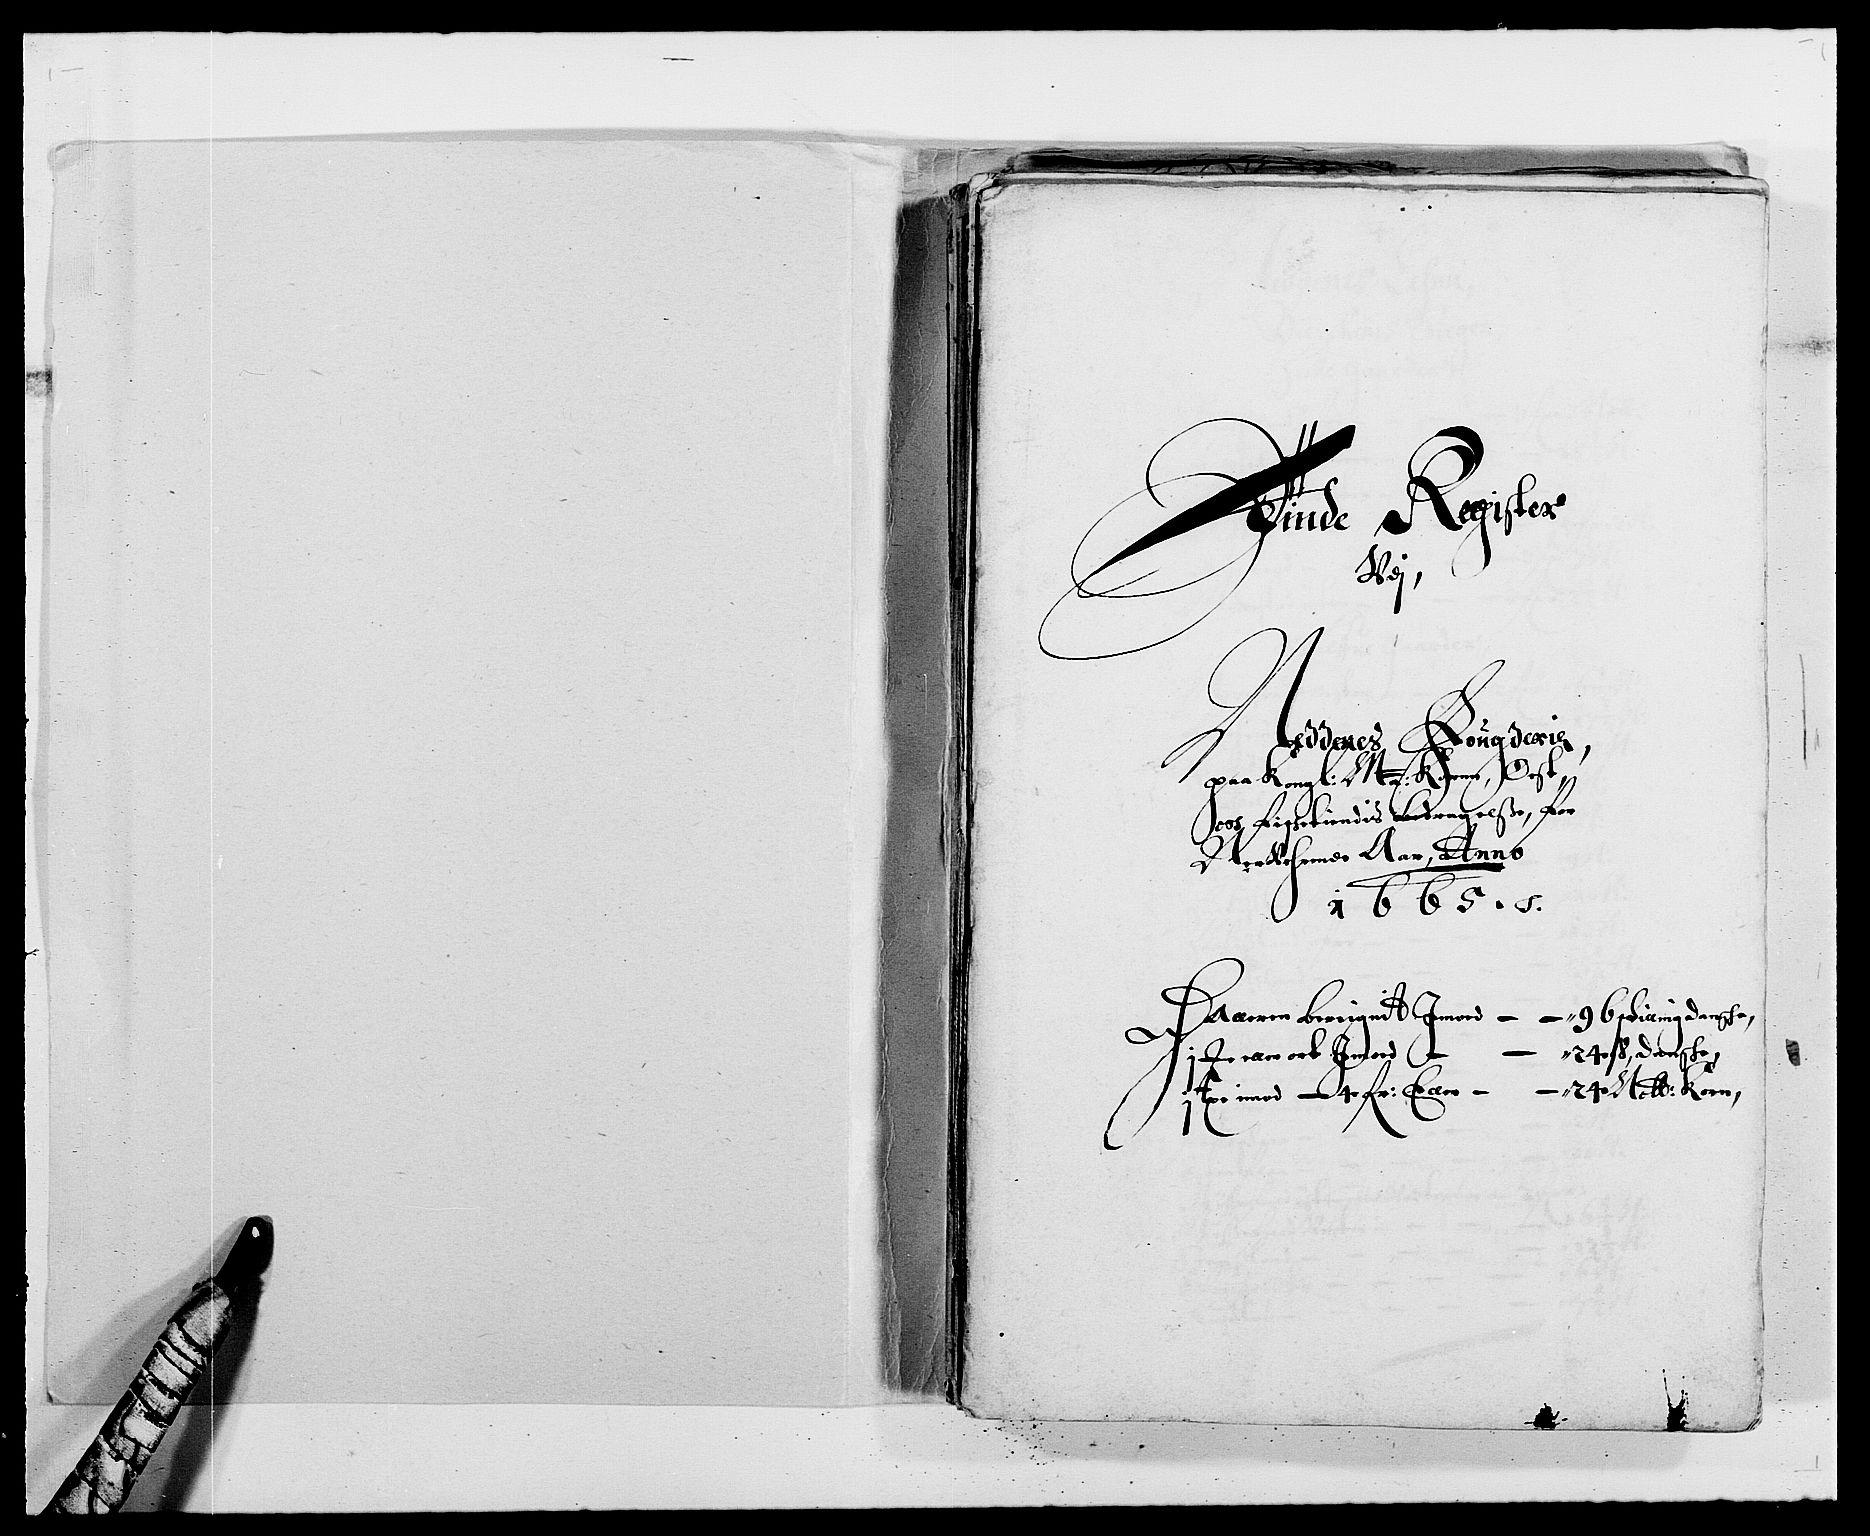 RA, Rentekammeret inntil 1814, Reviderte regnskaper, Fogderegnskap, R39/L2296: Fogderegnskap Nedenes, 1664-1666, s. 327